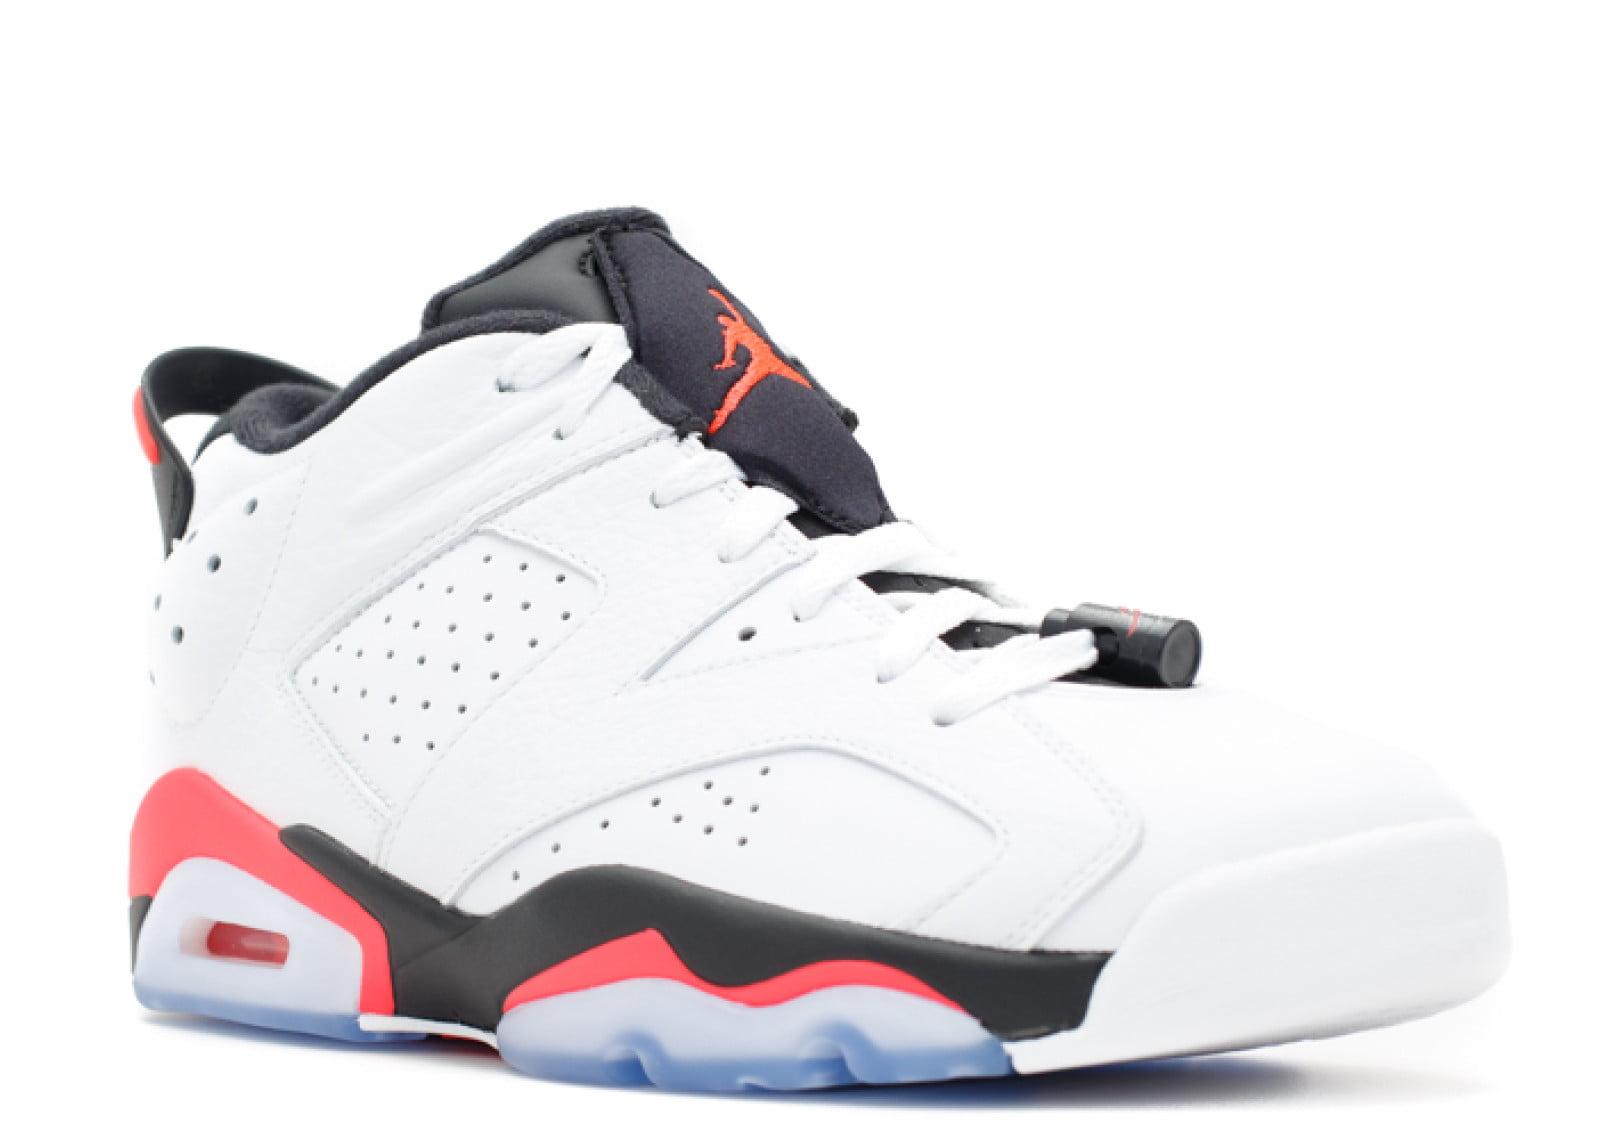 Air Jordan 6 Retro Low 'Infrared